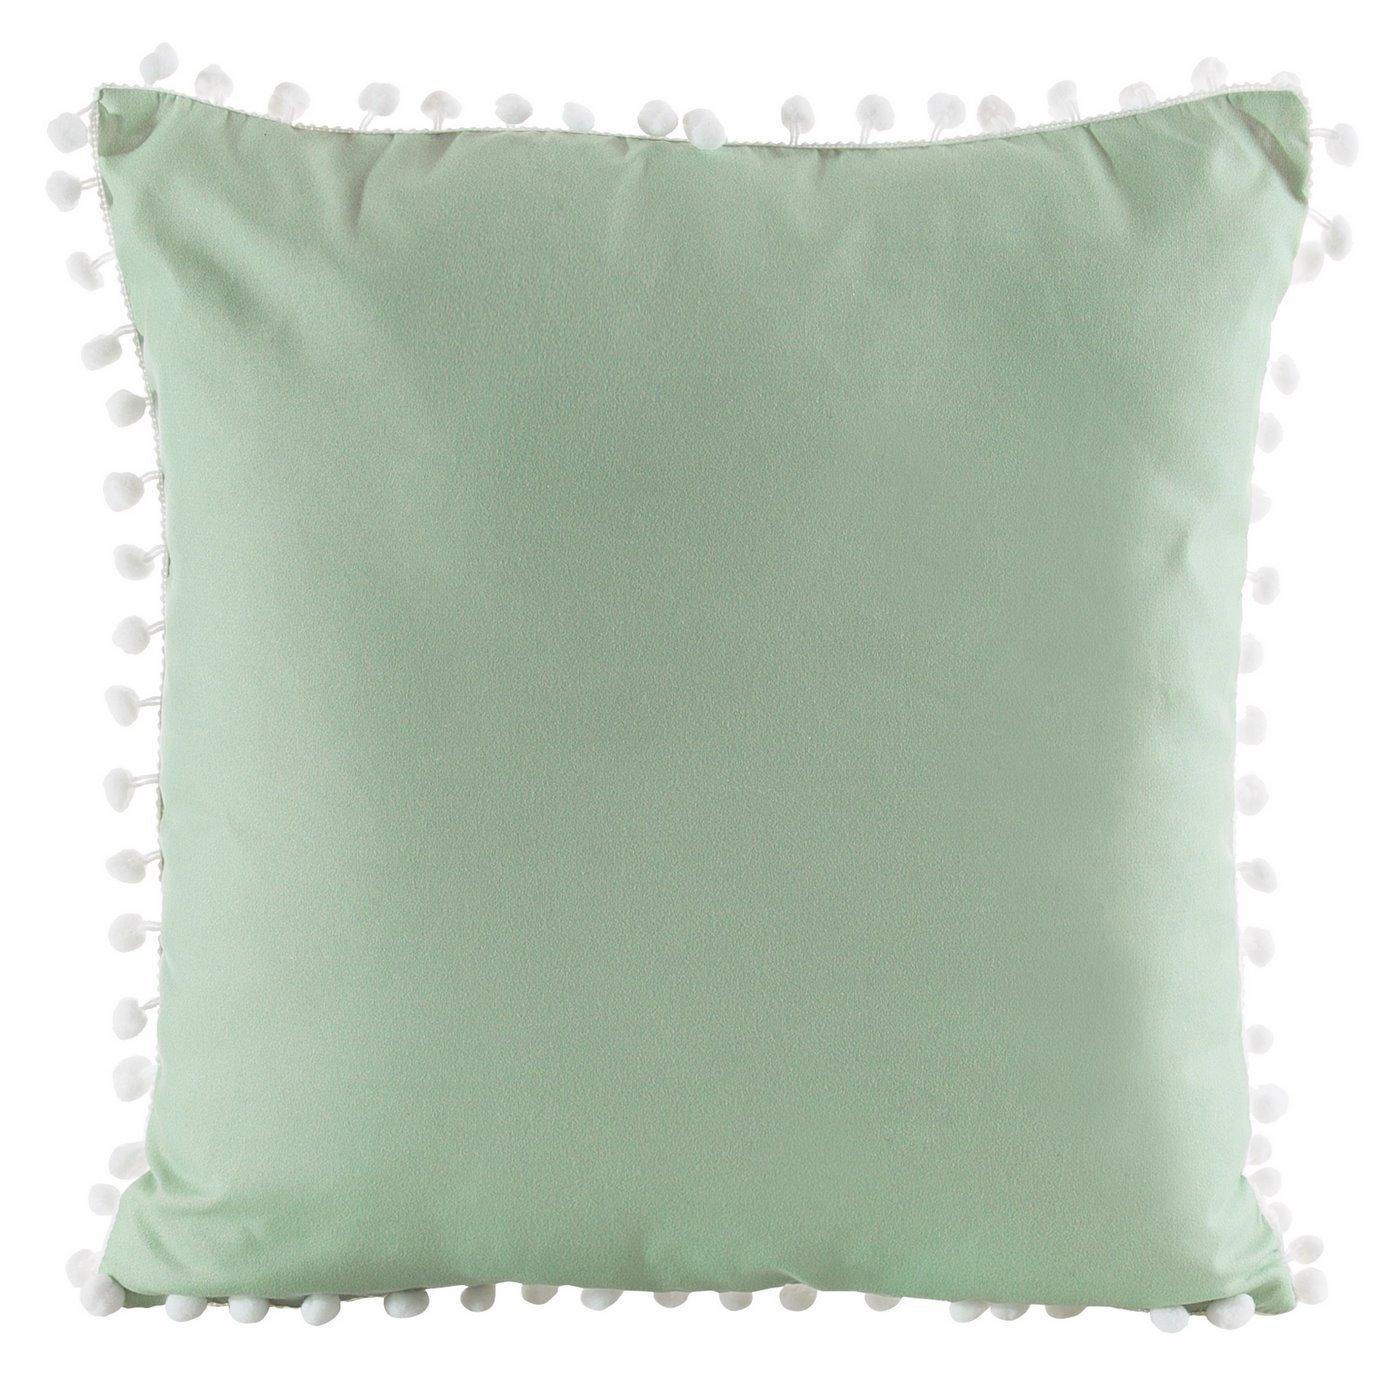 Poszewka na poduszkę gładka zielona z pomponami 40 x 40 cm